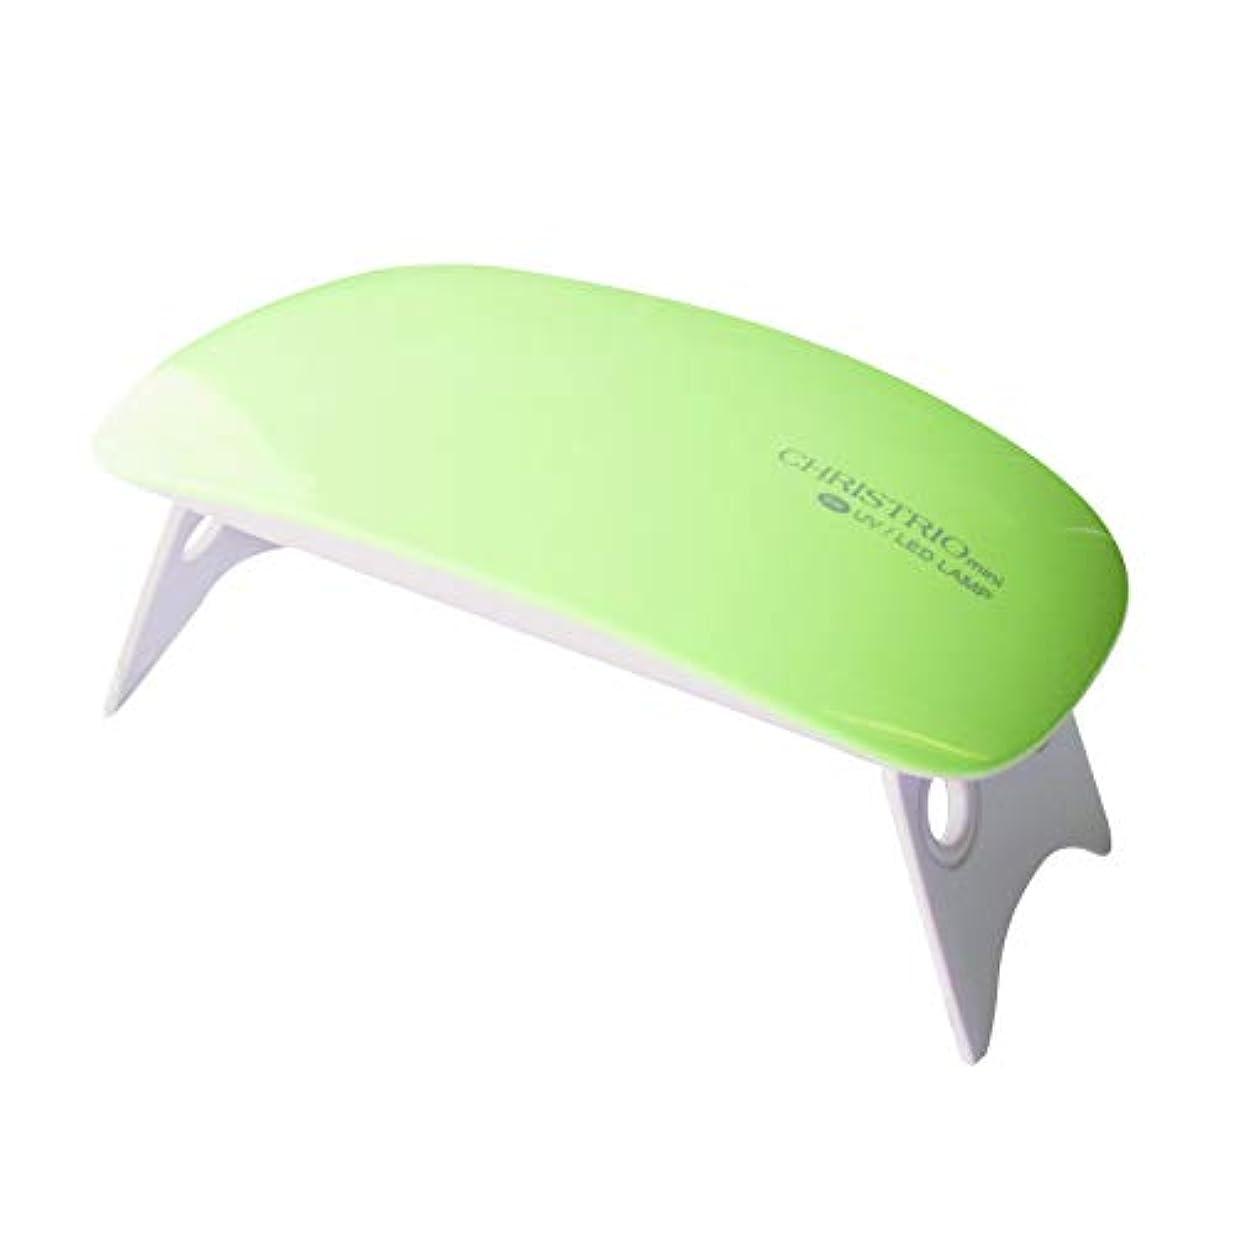 引っ張る安全収束するCHRISTRIO 6W Mini LED/UVランプ グリーン